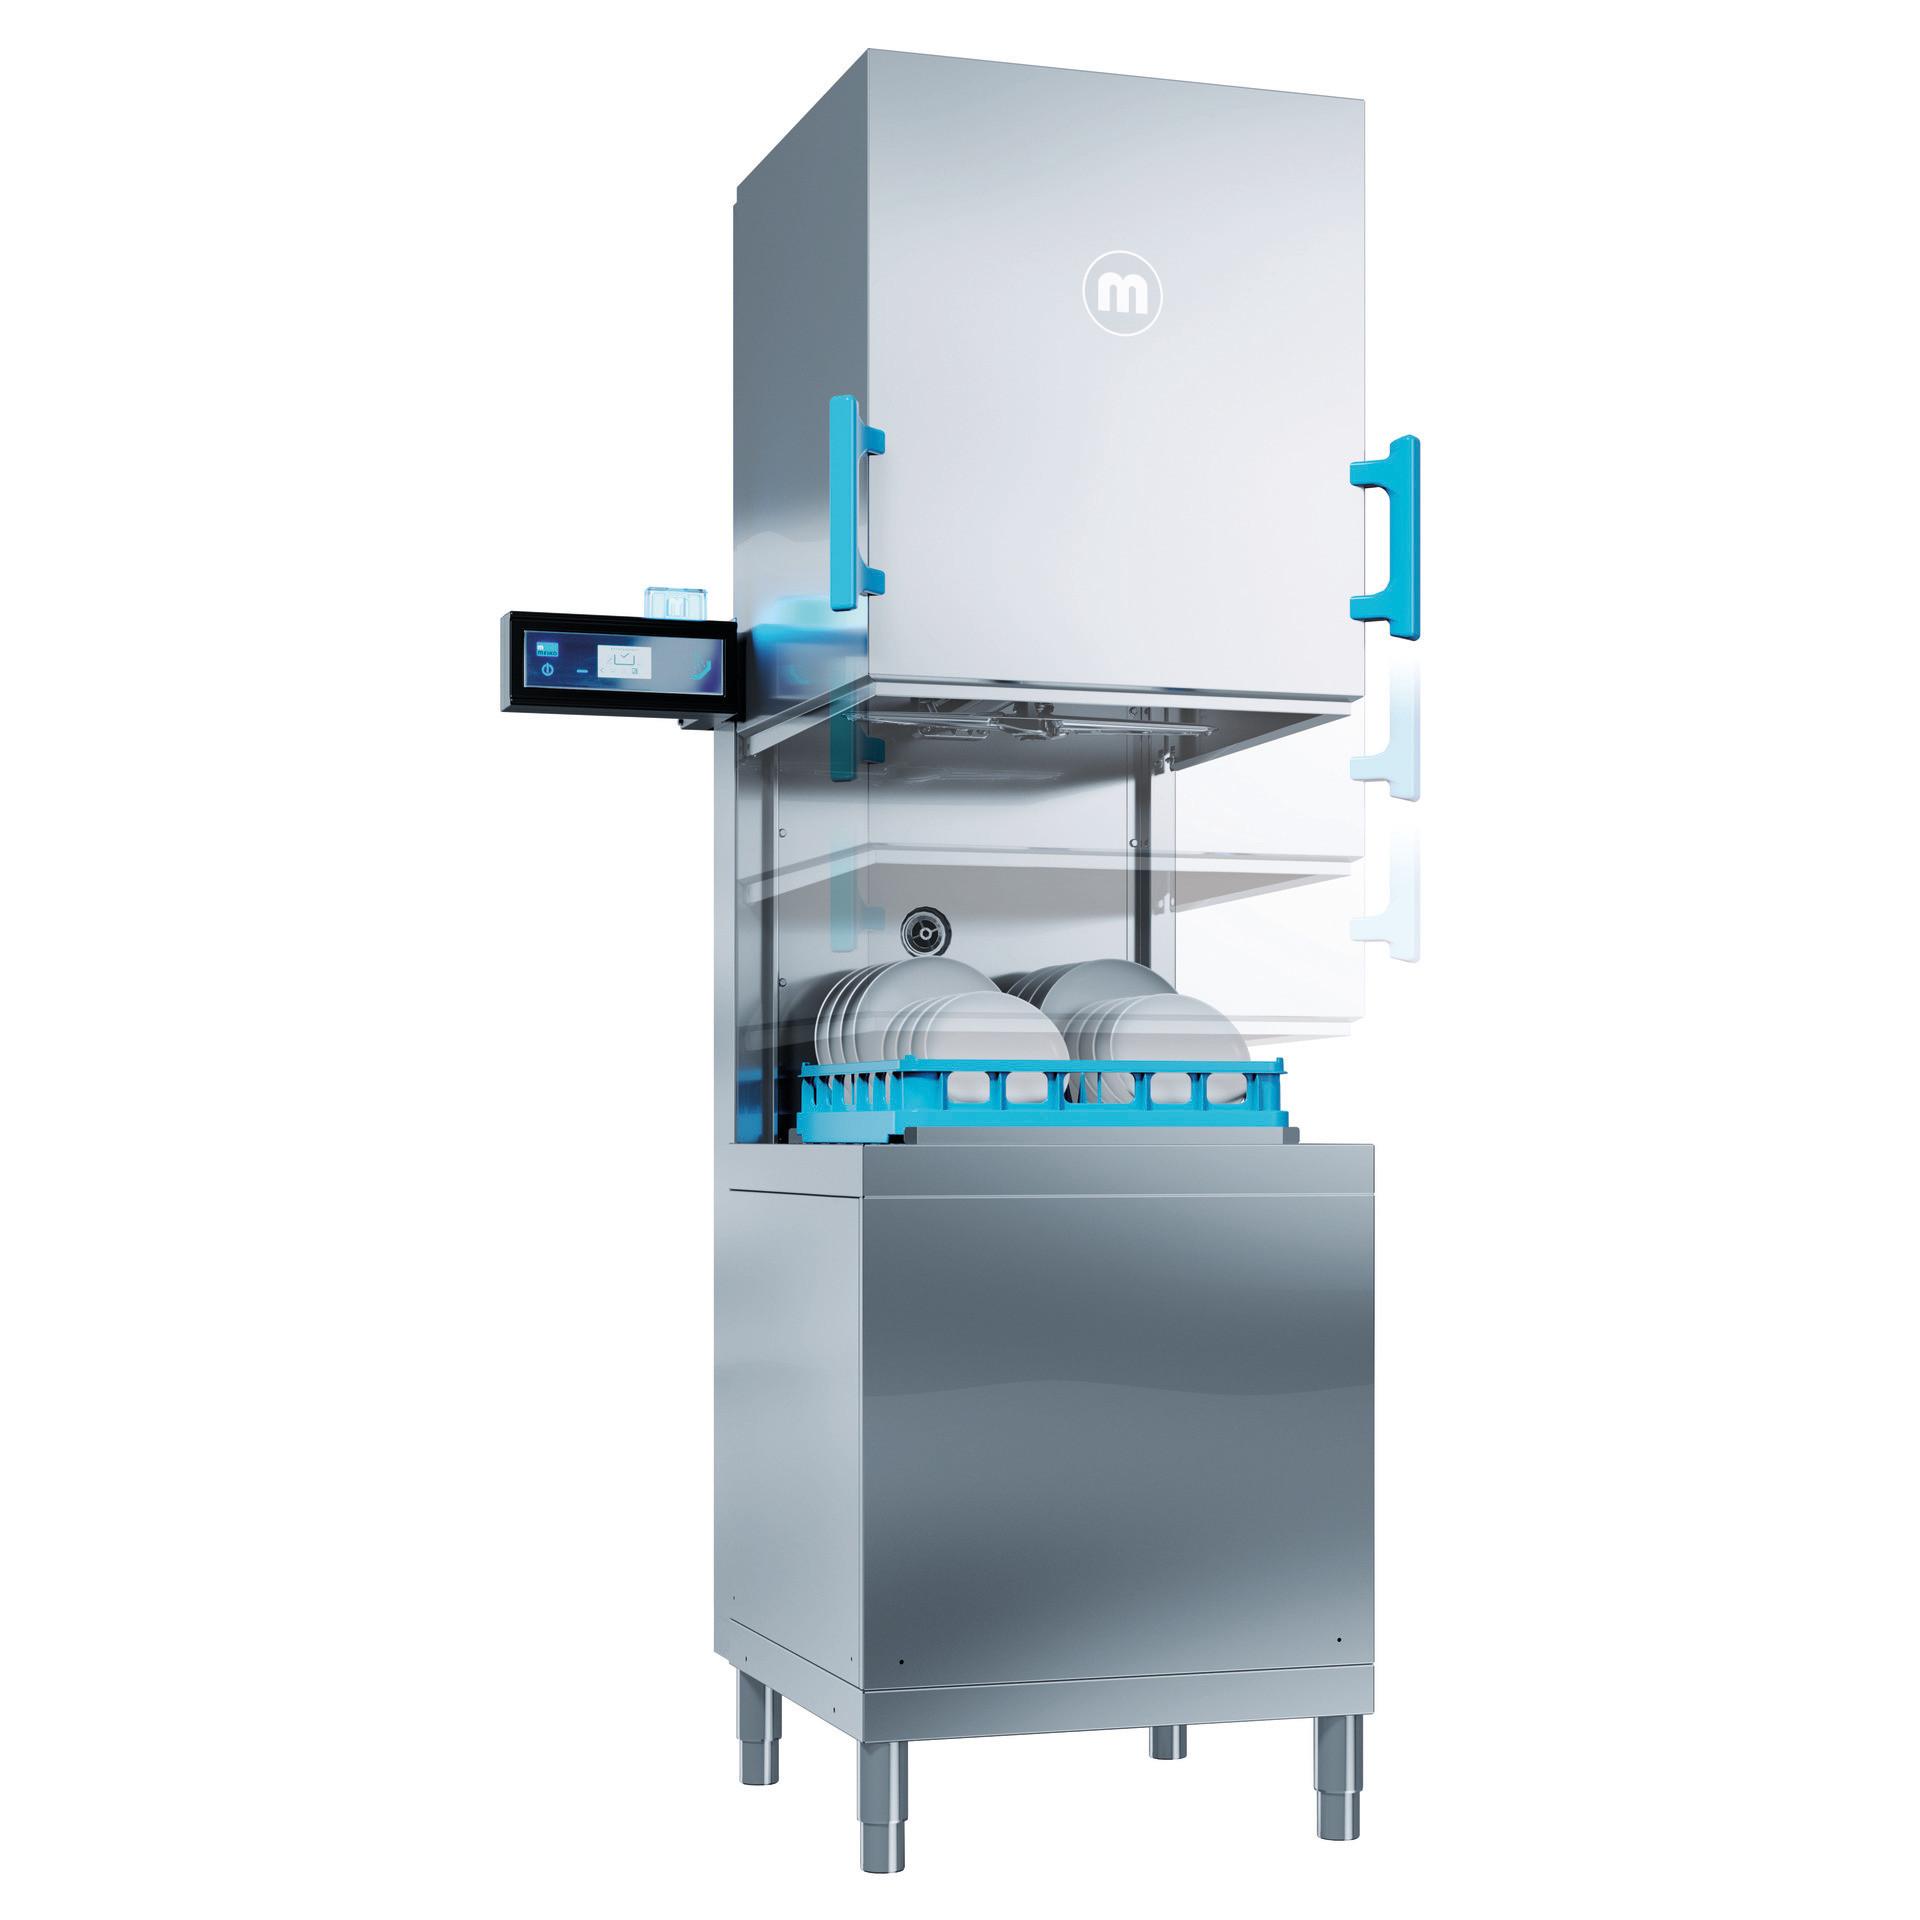 Durchschubspülmaschine M-iClean HM / 500 x 500 mm / Einschubhöhe 505 mm